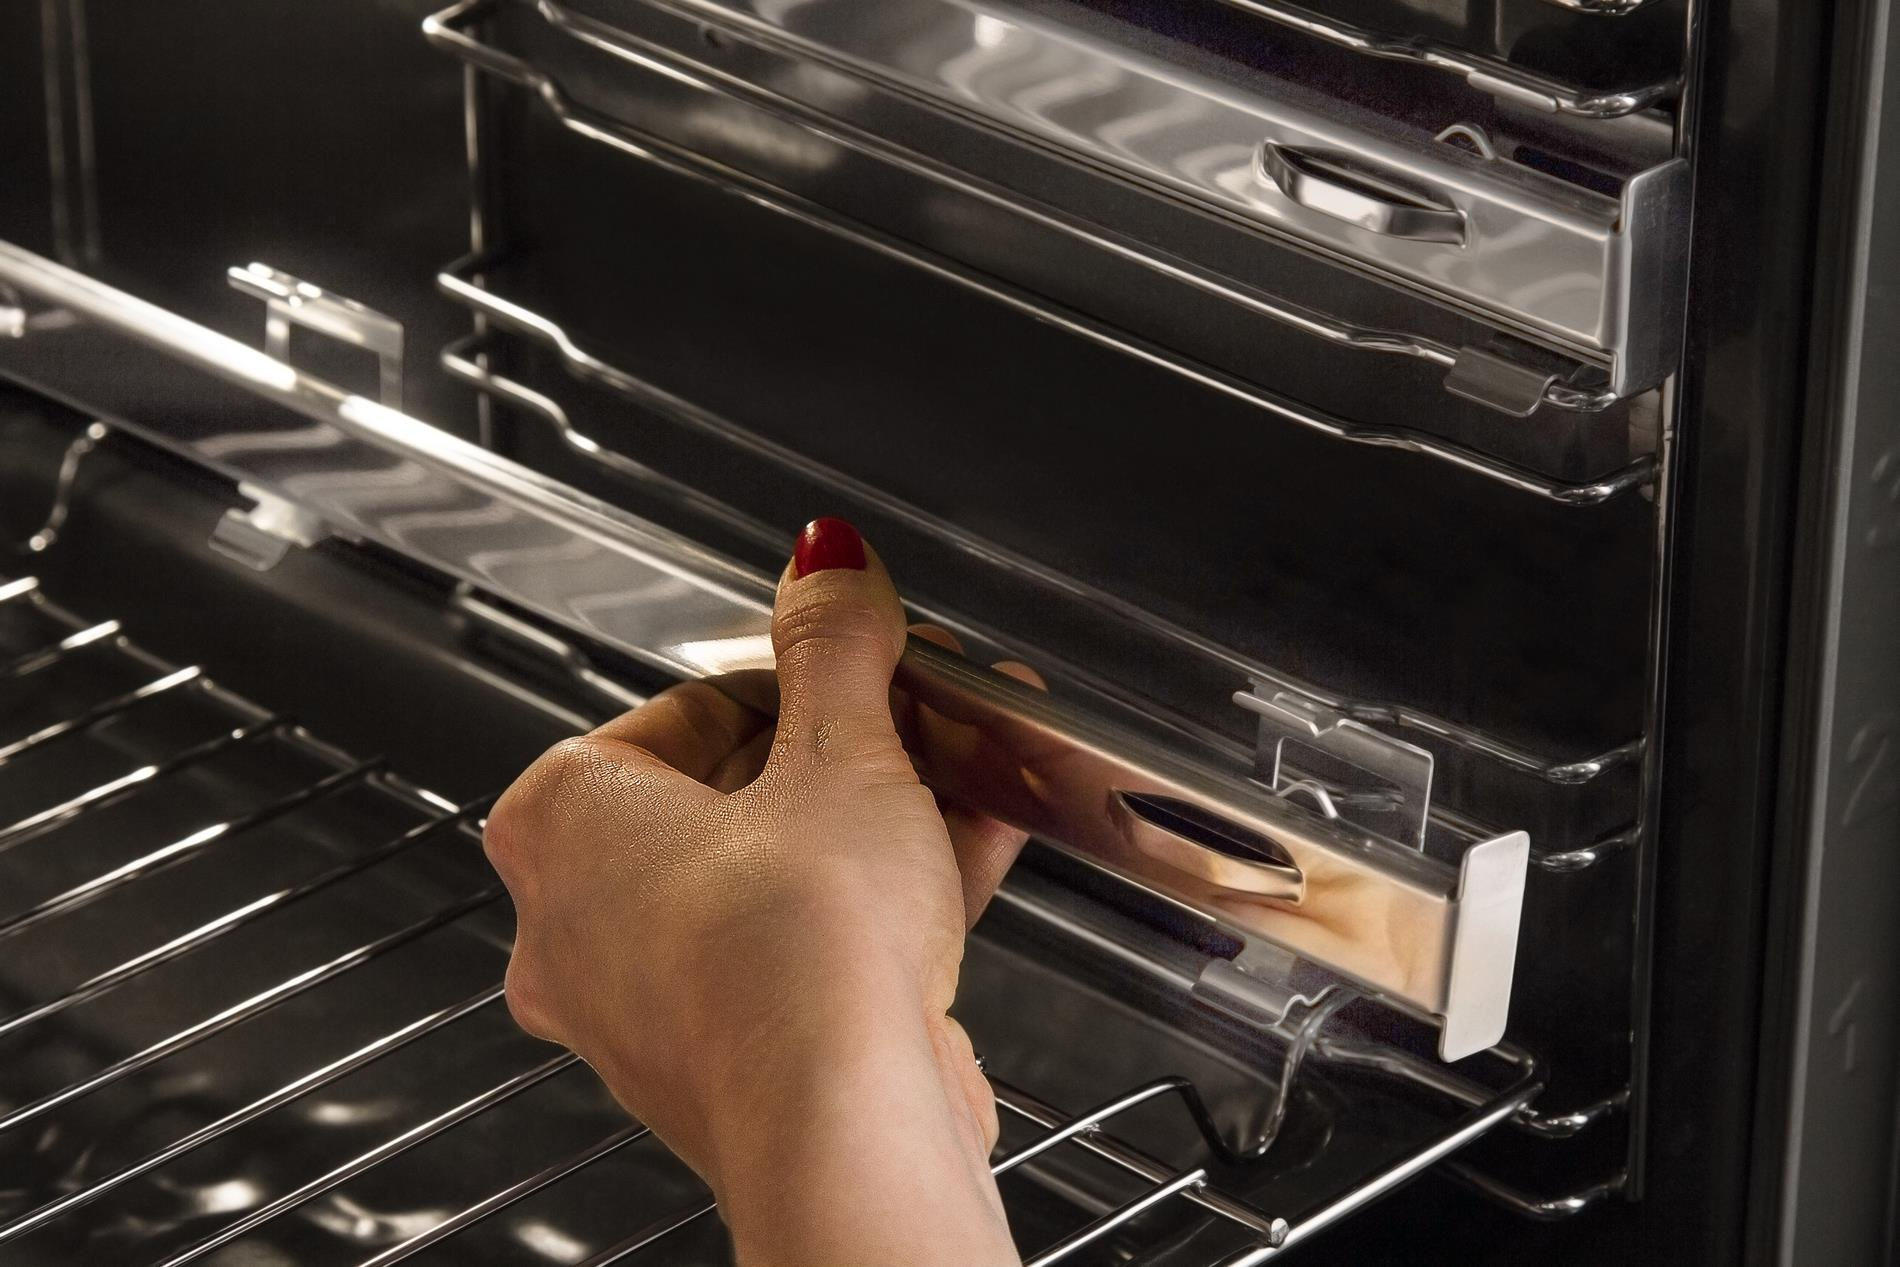 Piekarnik do zabudowy Amica IN EB622BA+ IN  Amica -> Kuchnie Elektryczne Amica Do Zabudowy